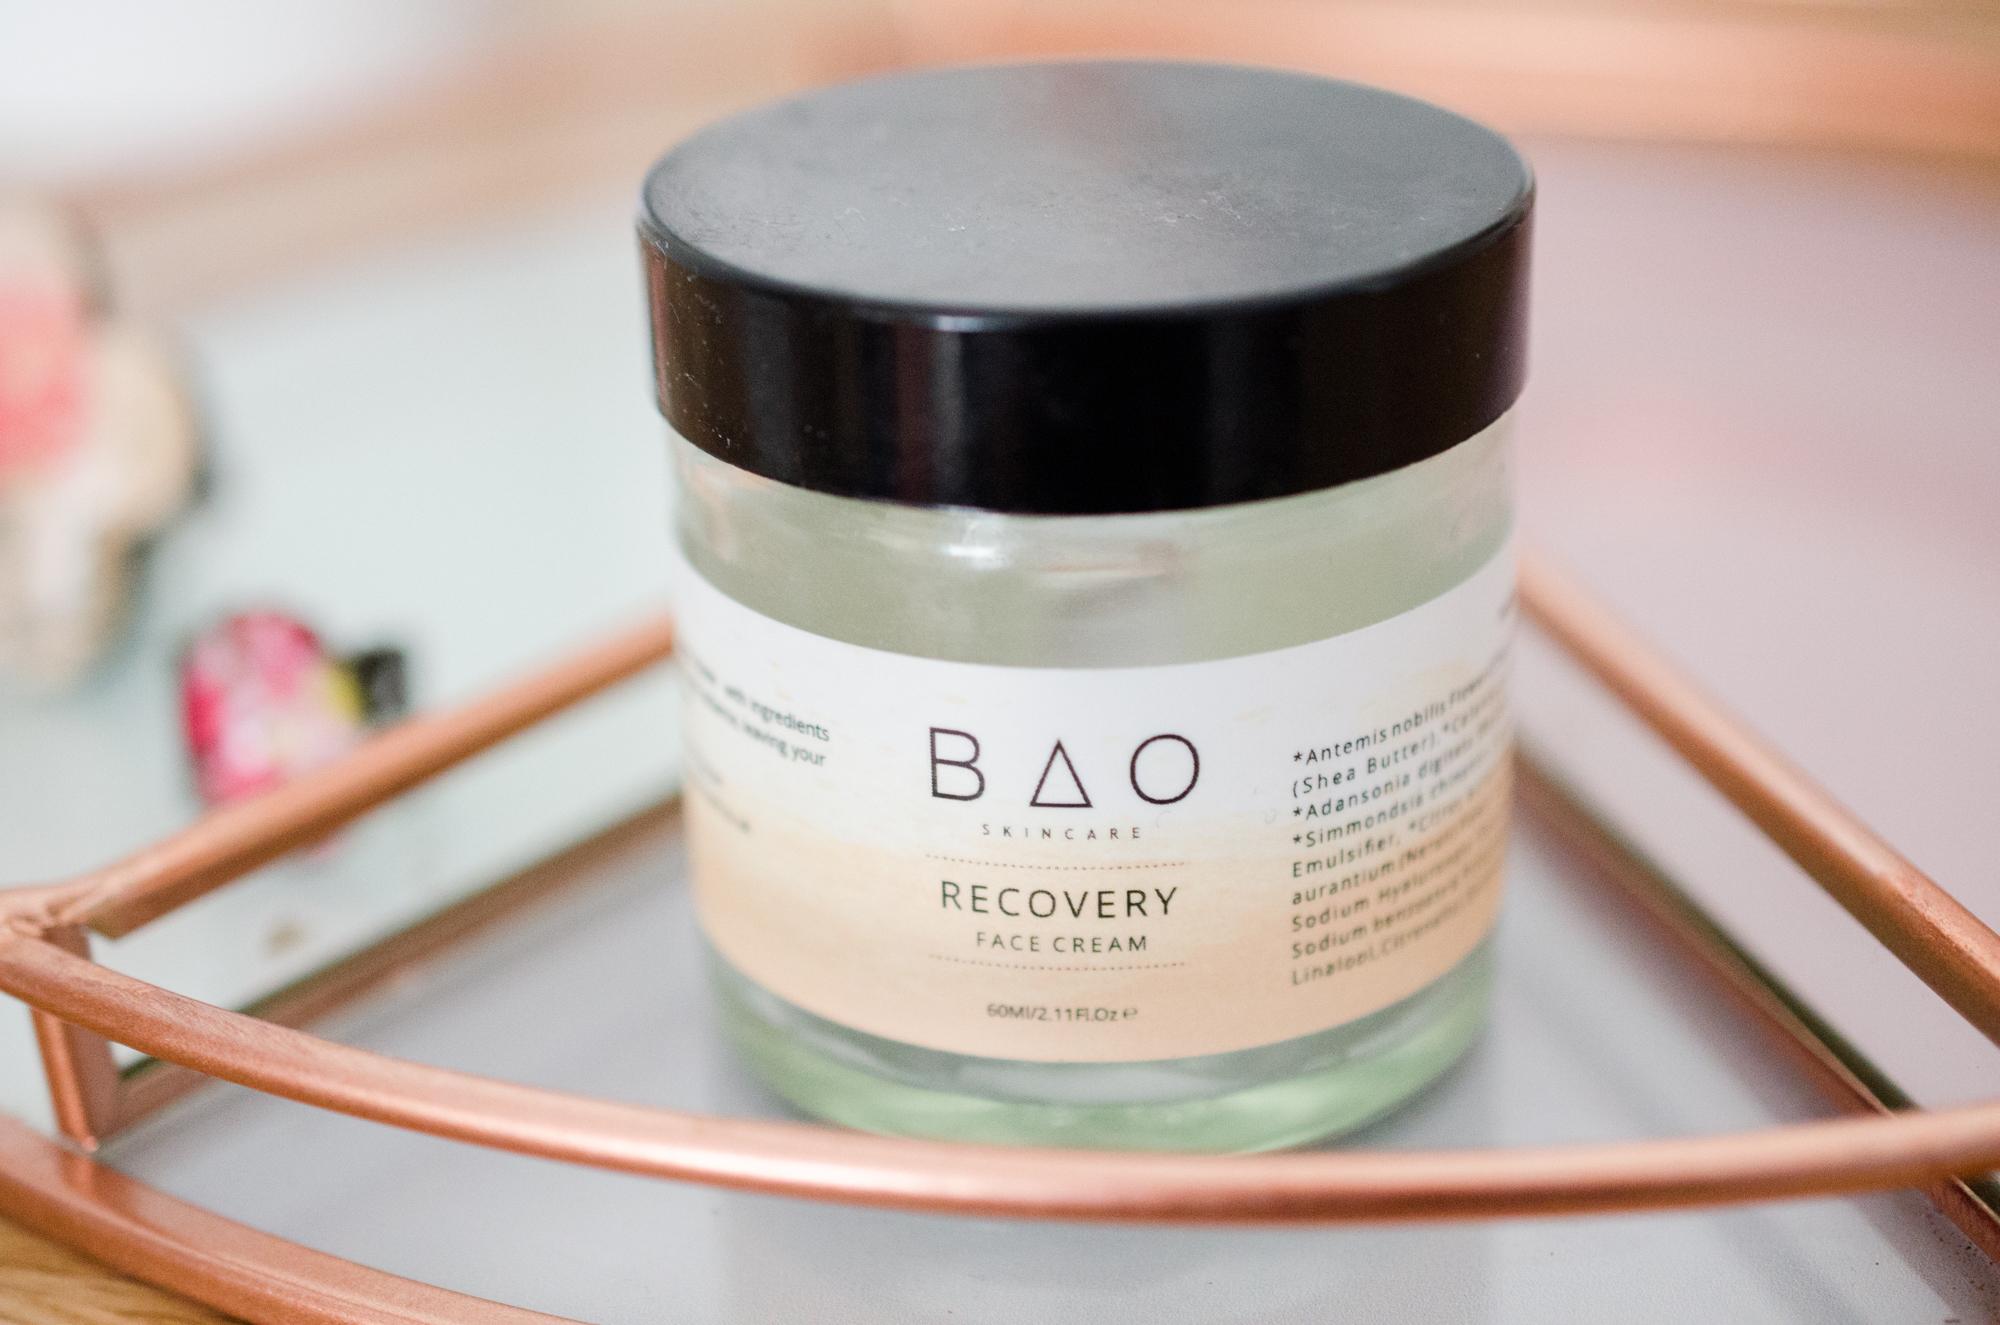 BAO Recovery Face Cream